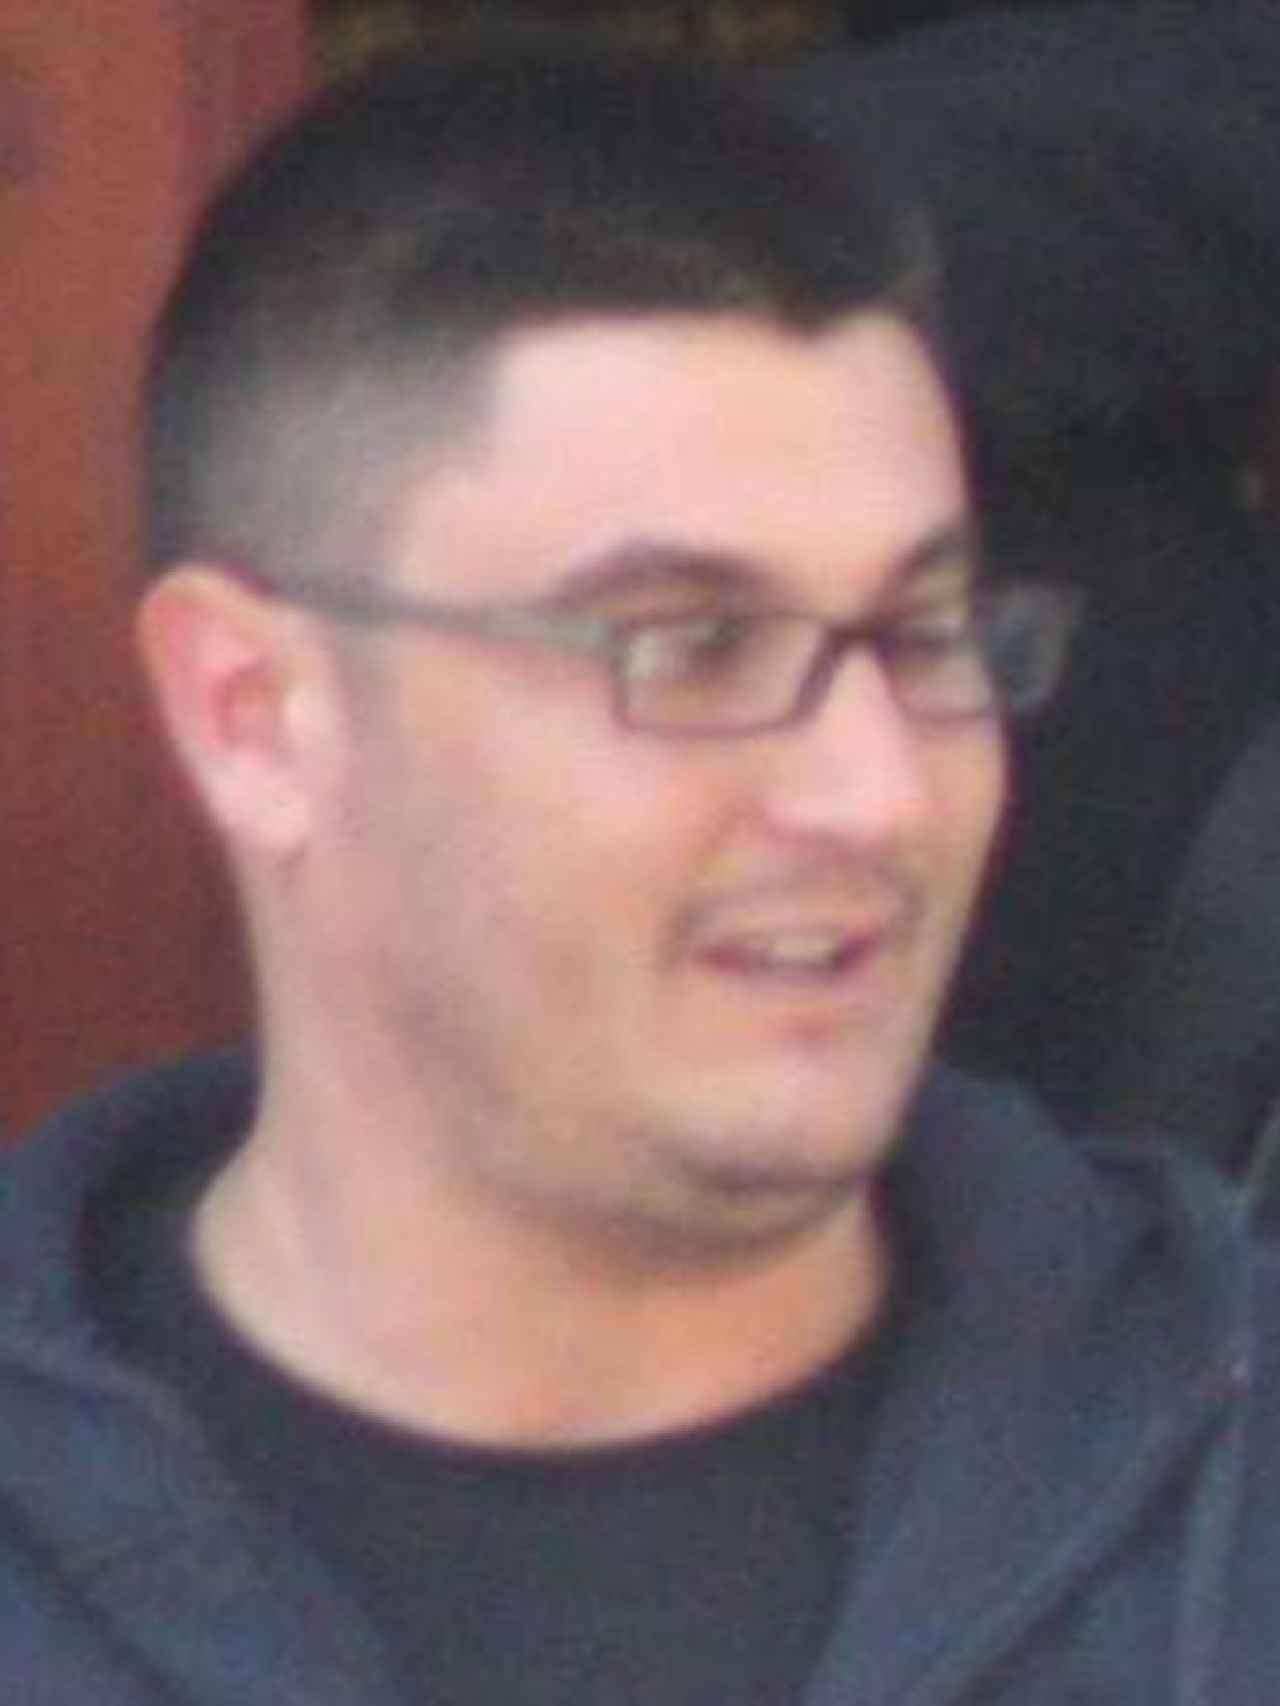 Carlos El Furi, narcotraficante que perdió su cargamento por un operativo de la Guardia Civil.